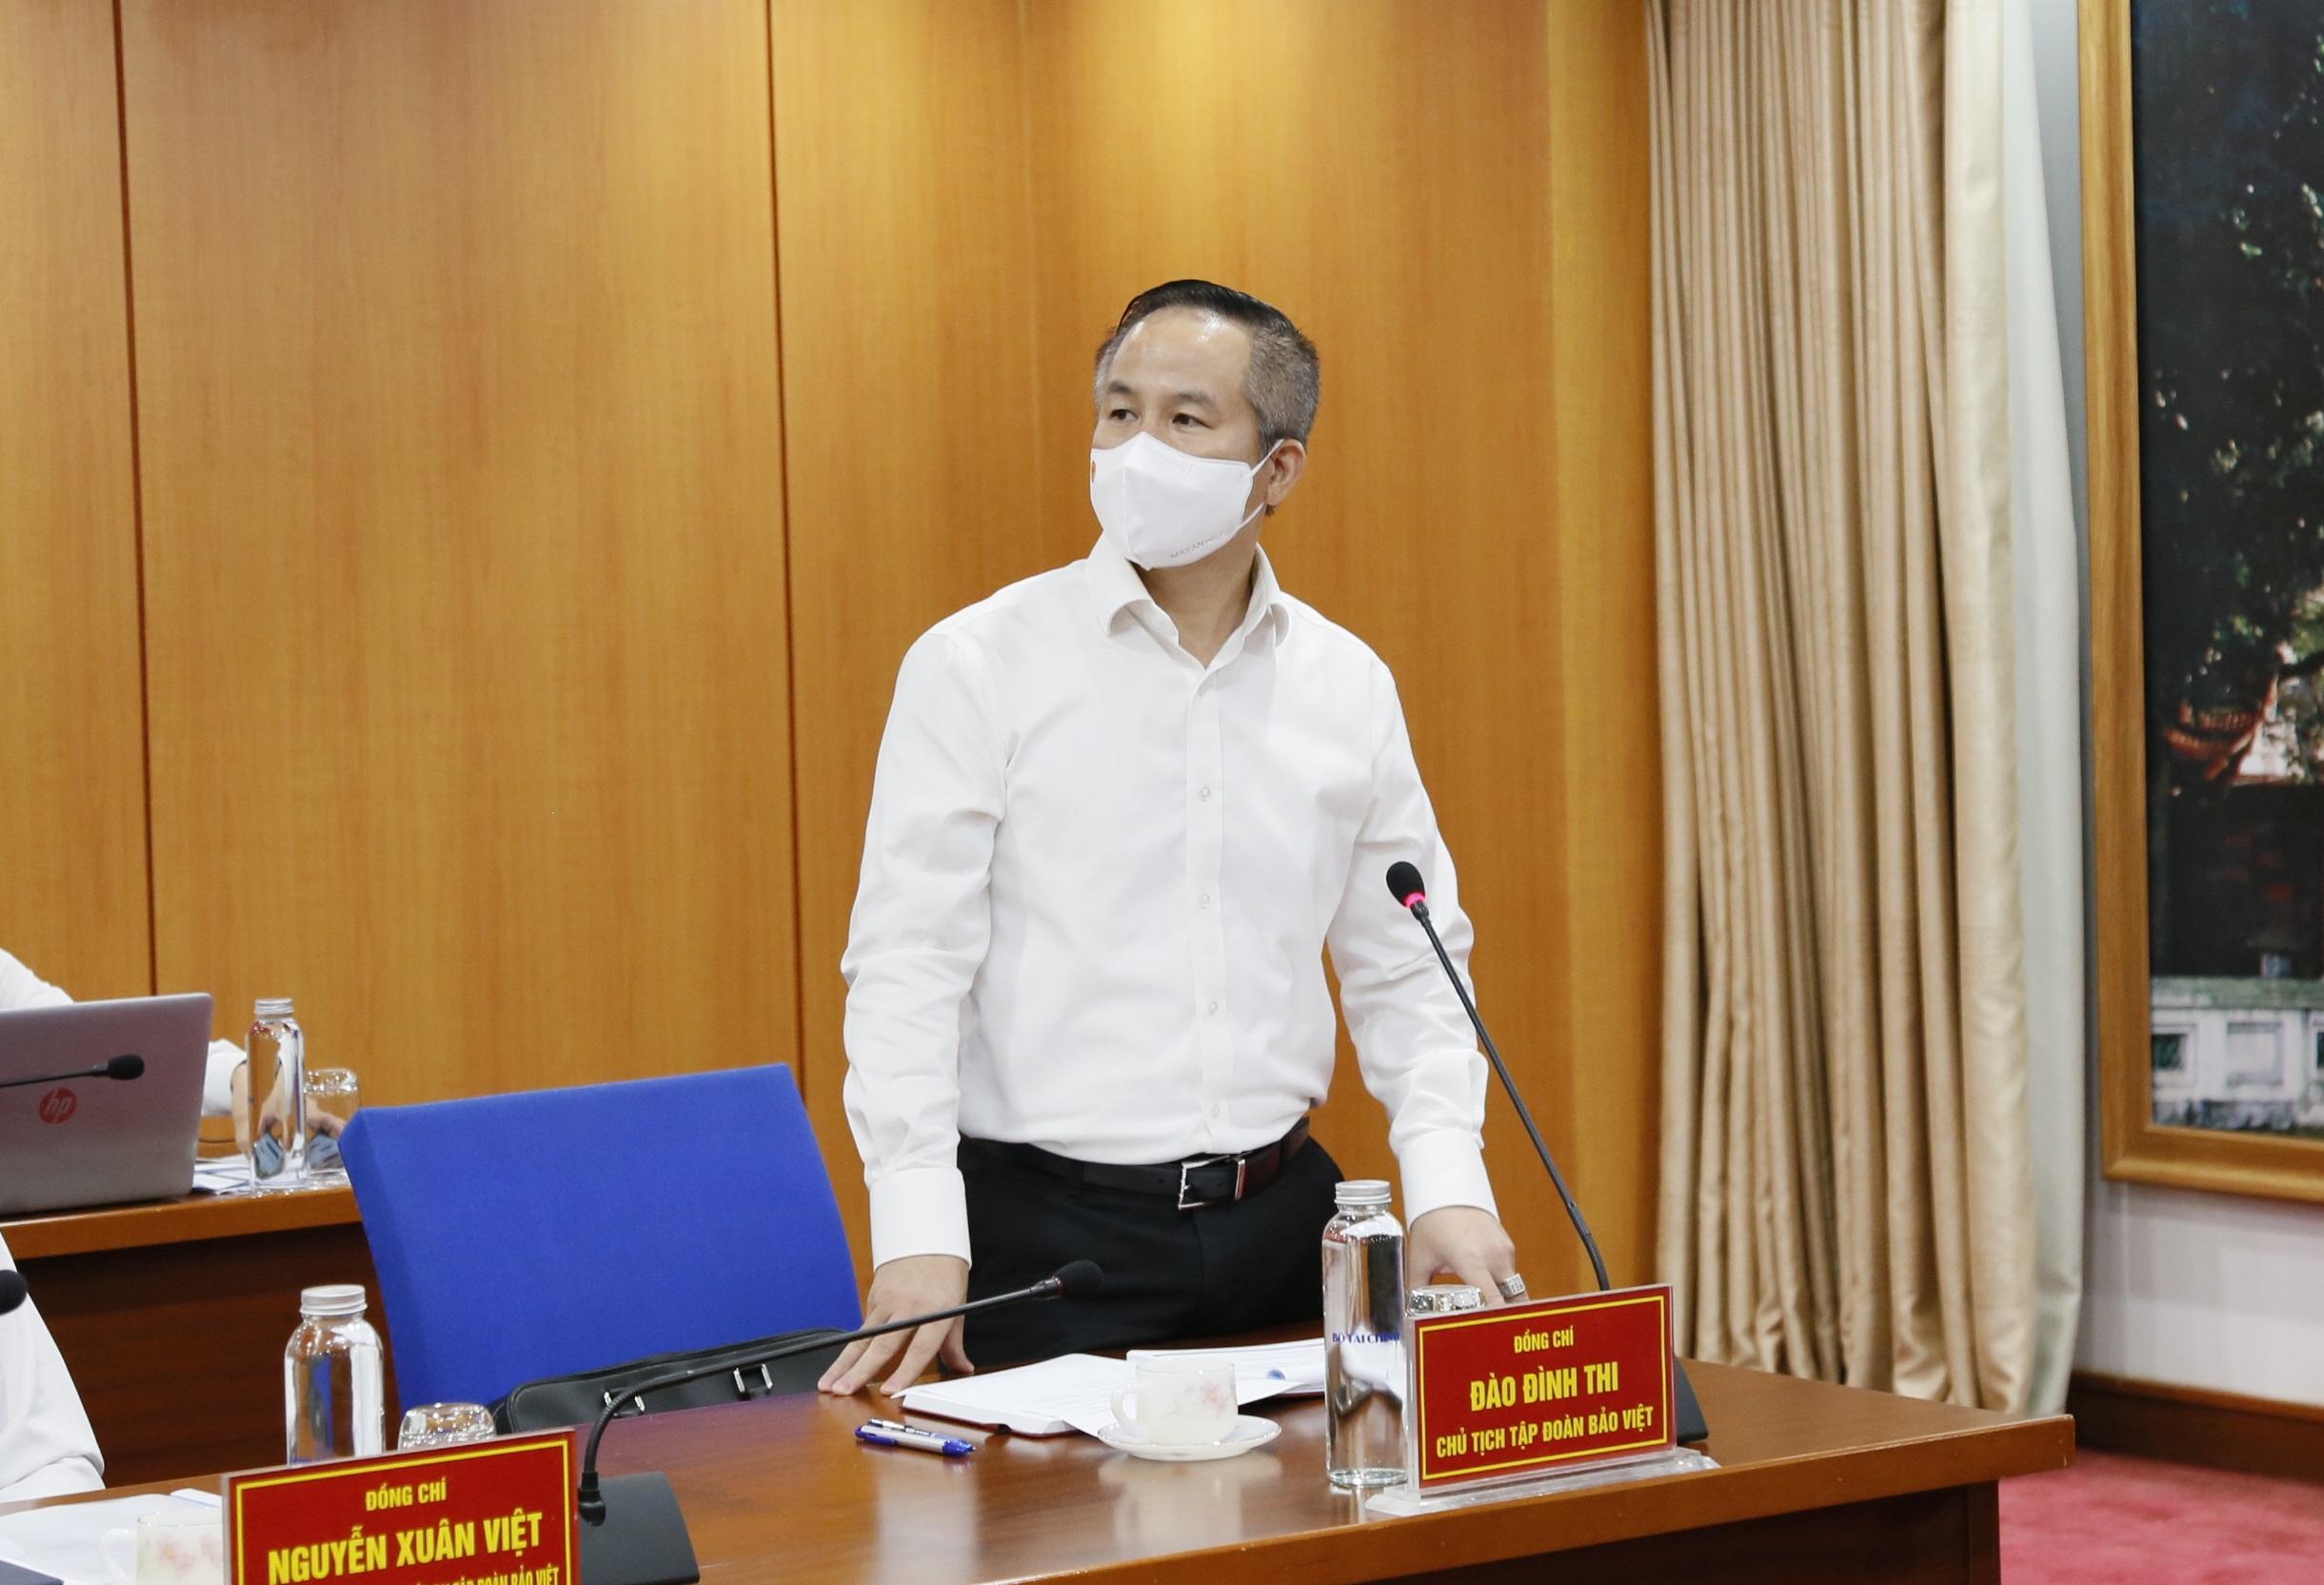 Ông Đào Đình Thi, Chủ tịch Hội đồng quản trị Tập đoàn Bảo Việt báo cáo tại buổi làm việc.